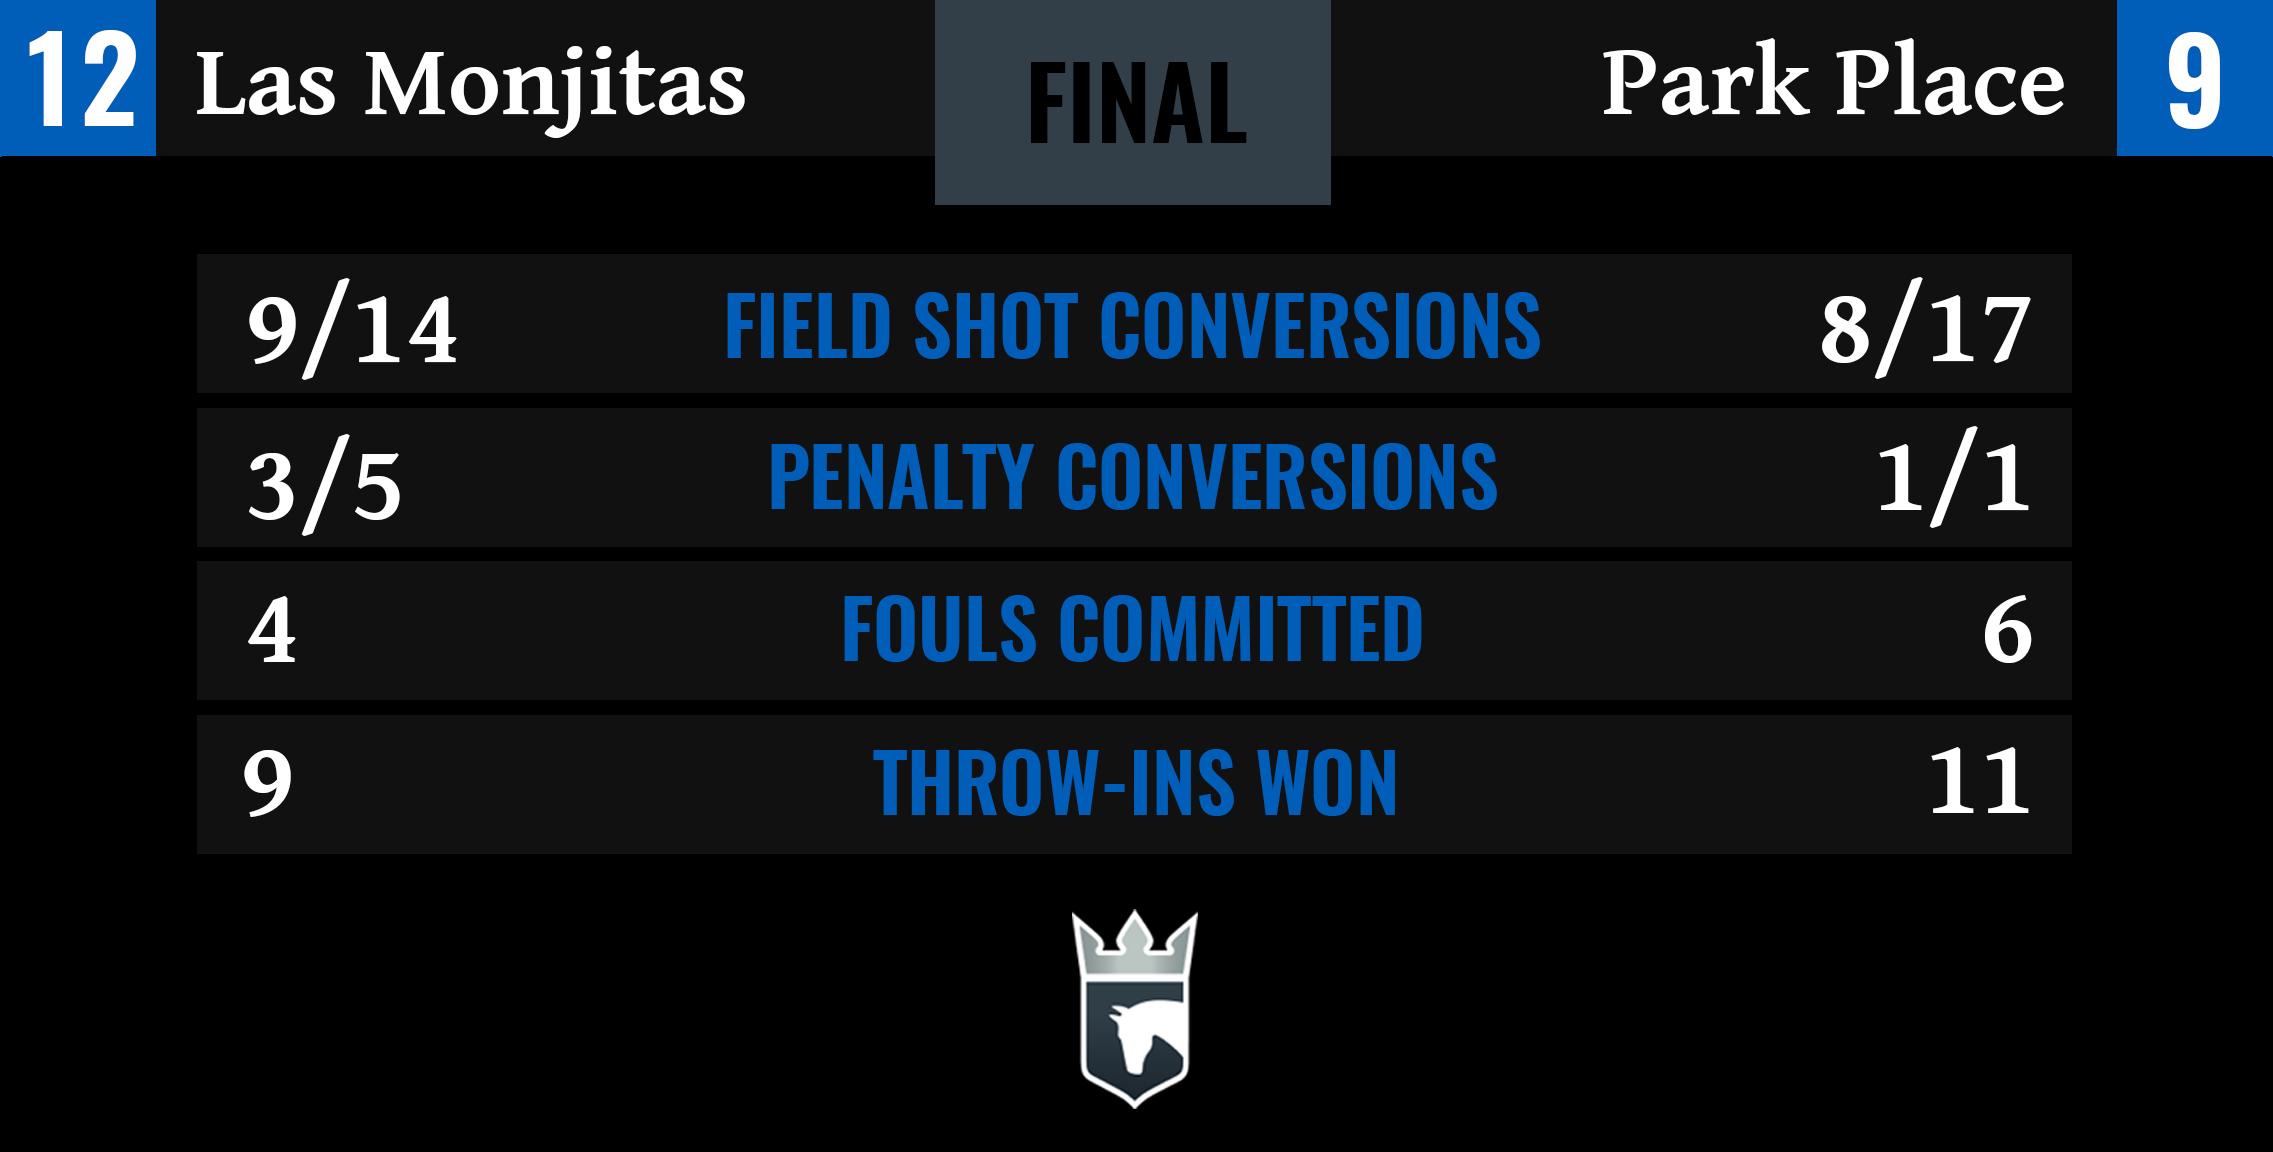 Las Monjitas vs Park Place Final Stats